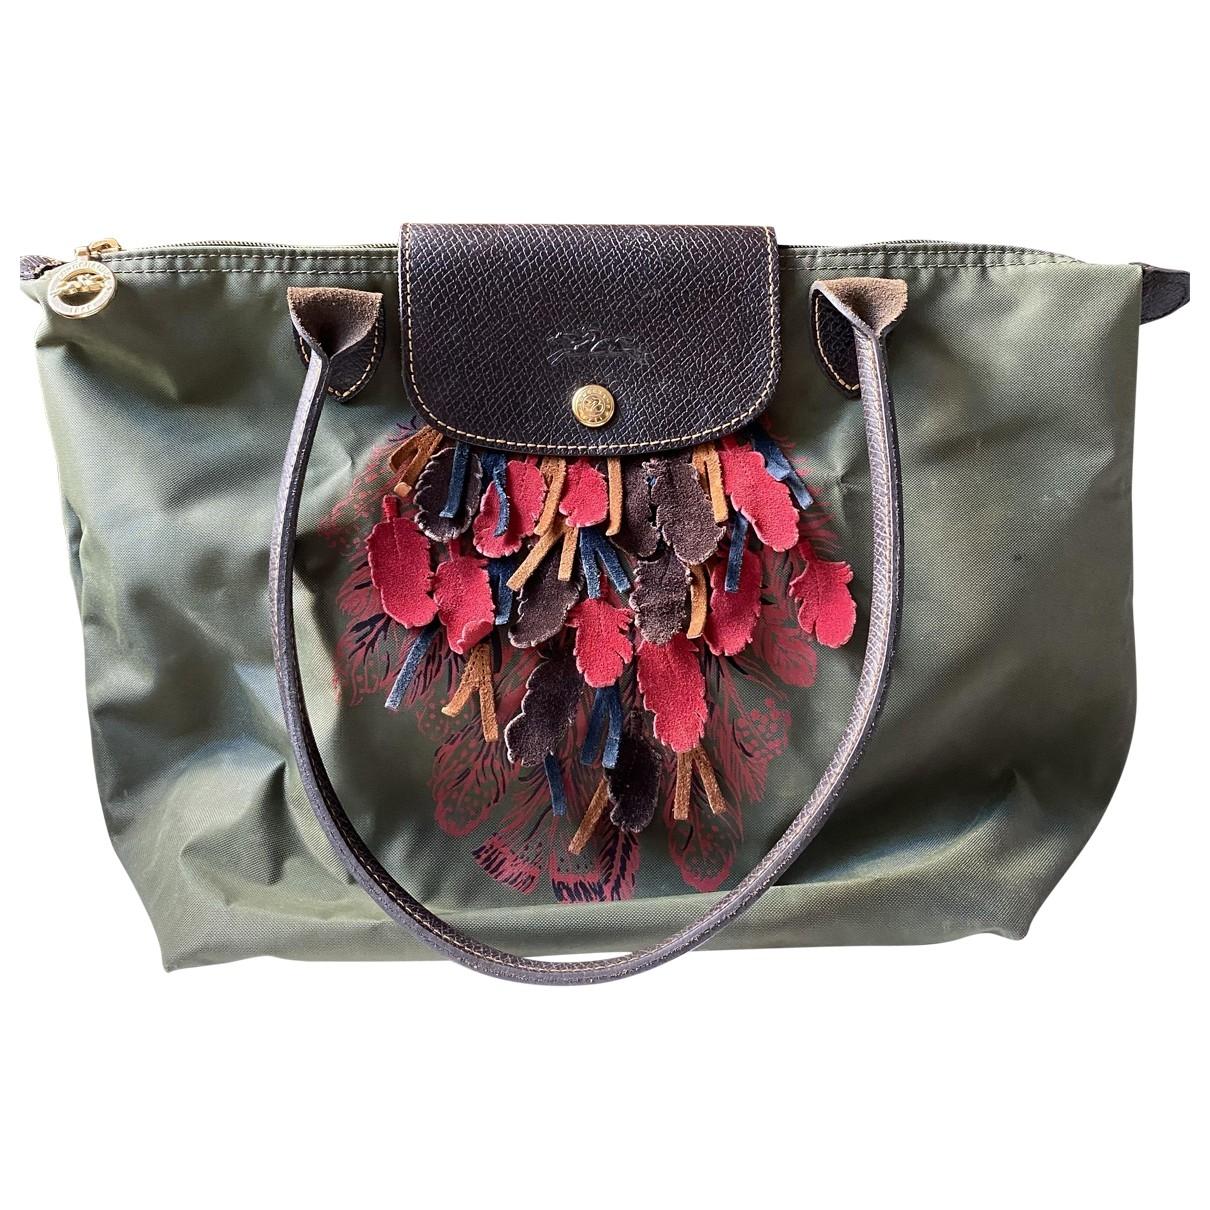 Longchamp - Sac a main   pour femme en fourrure